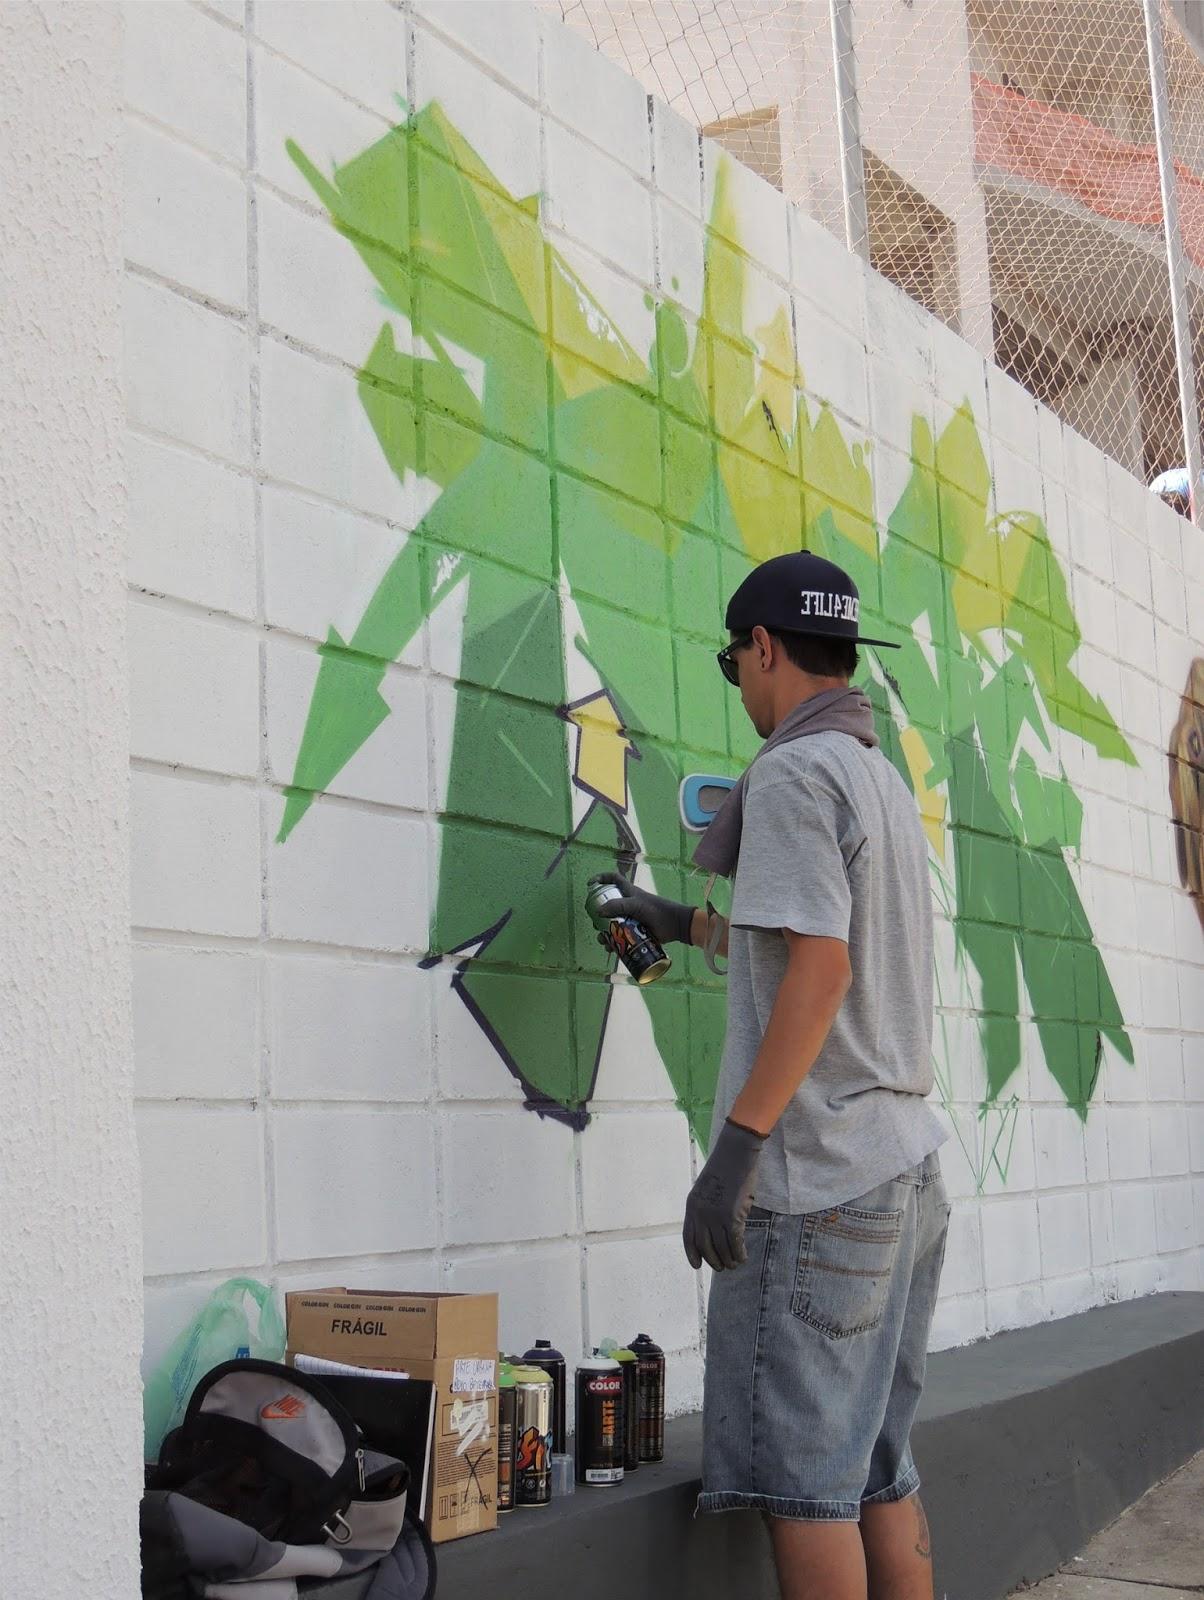 9f21679ac99 Olha esse artista...ele usa uma gravura como guia para fazer o desenho em  grafite